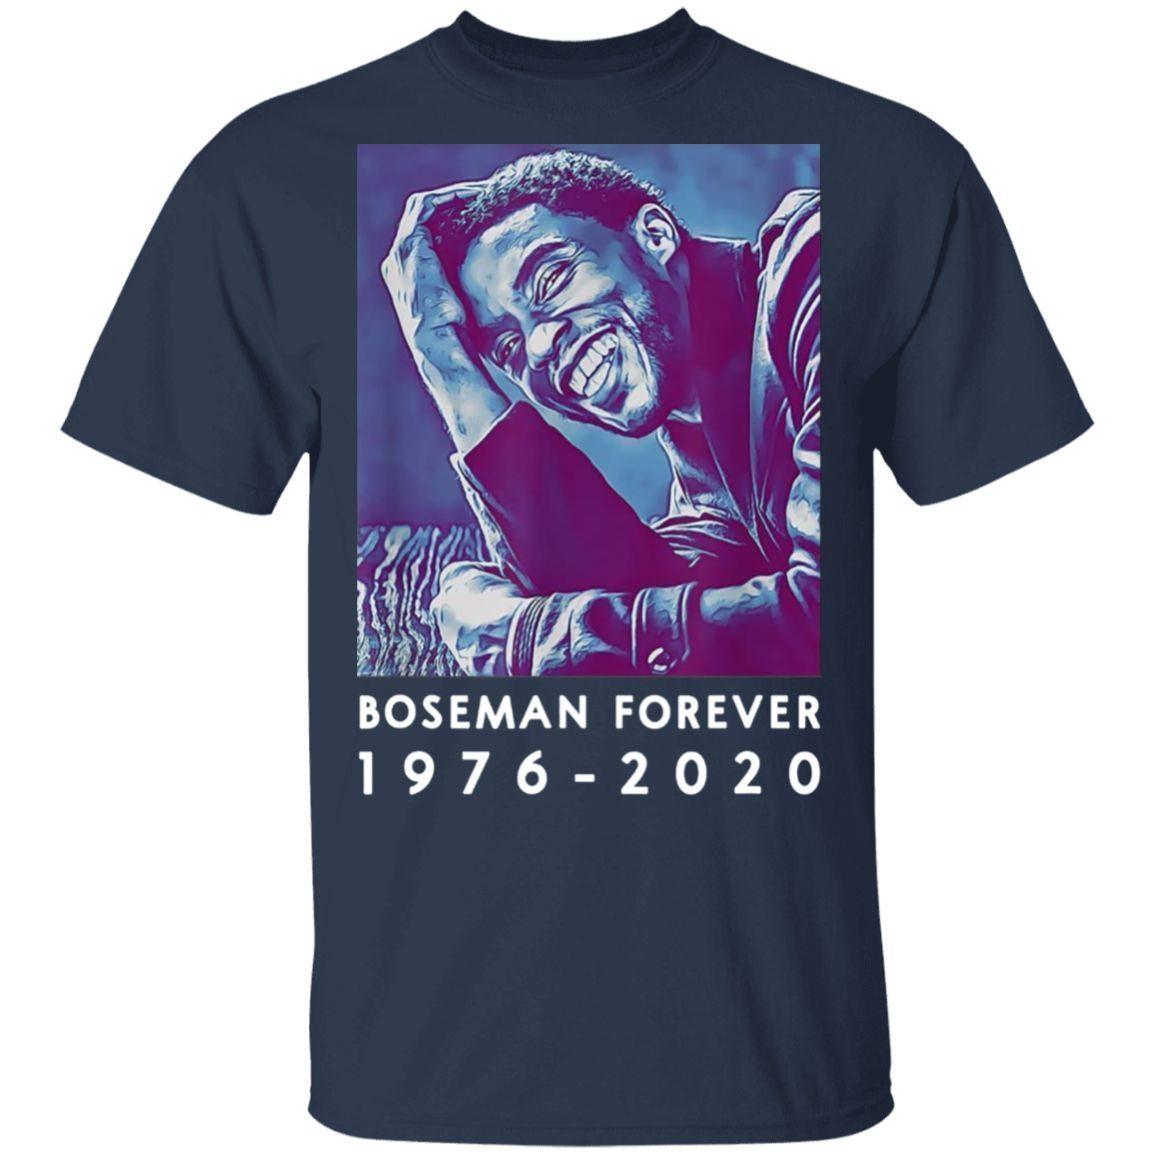 Boseman 1976-2020 Chadwick T-Shirt